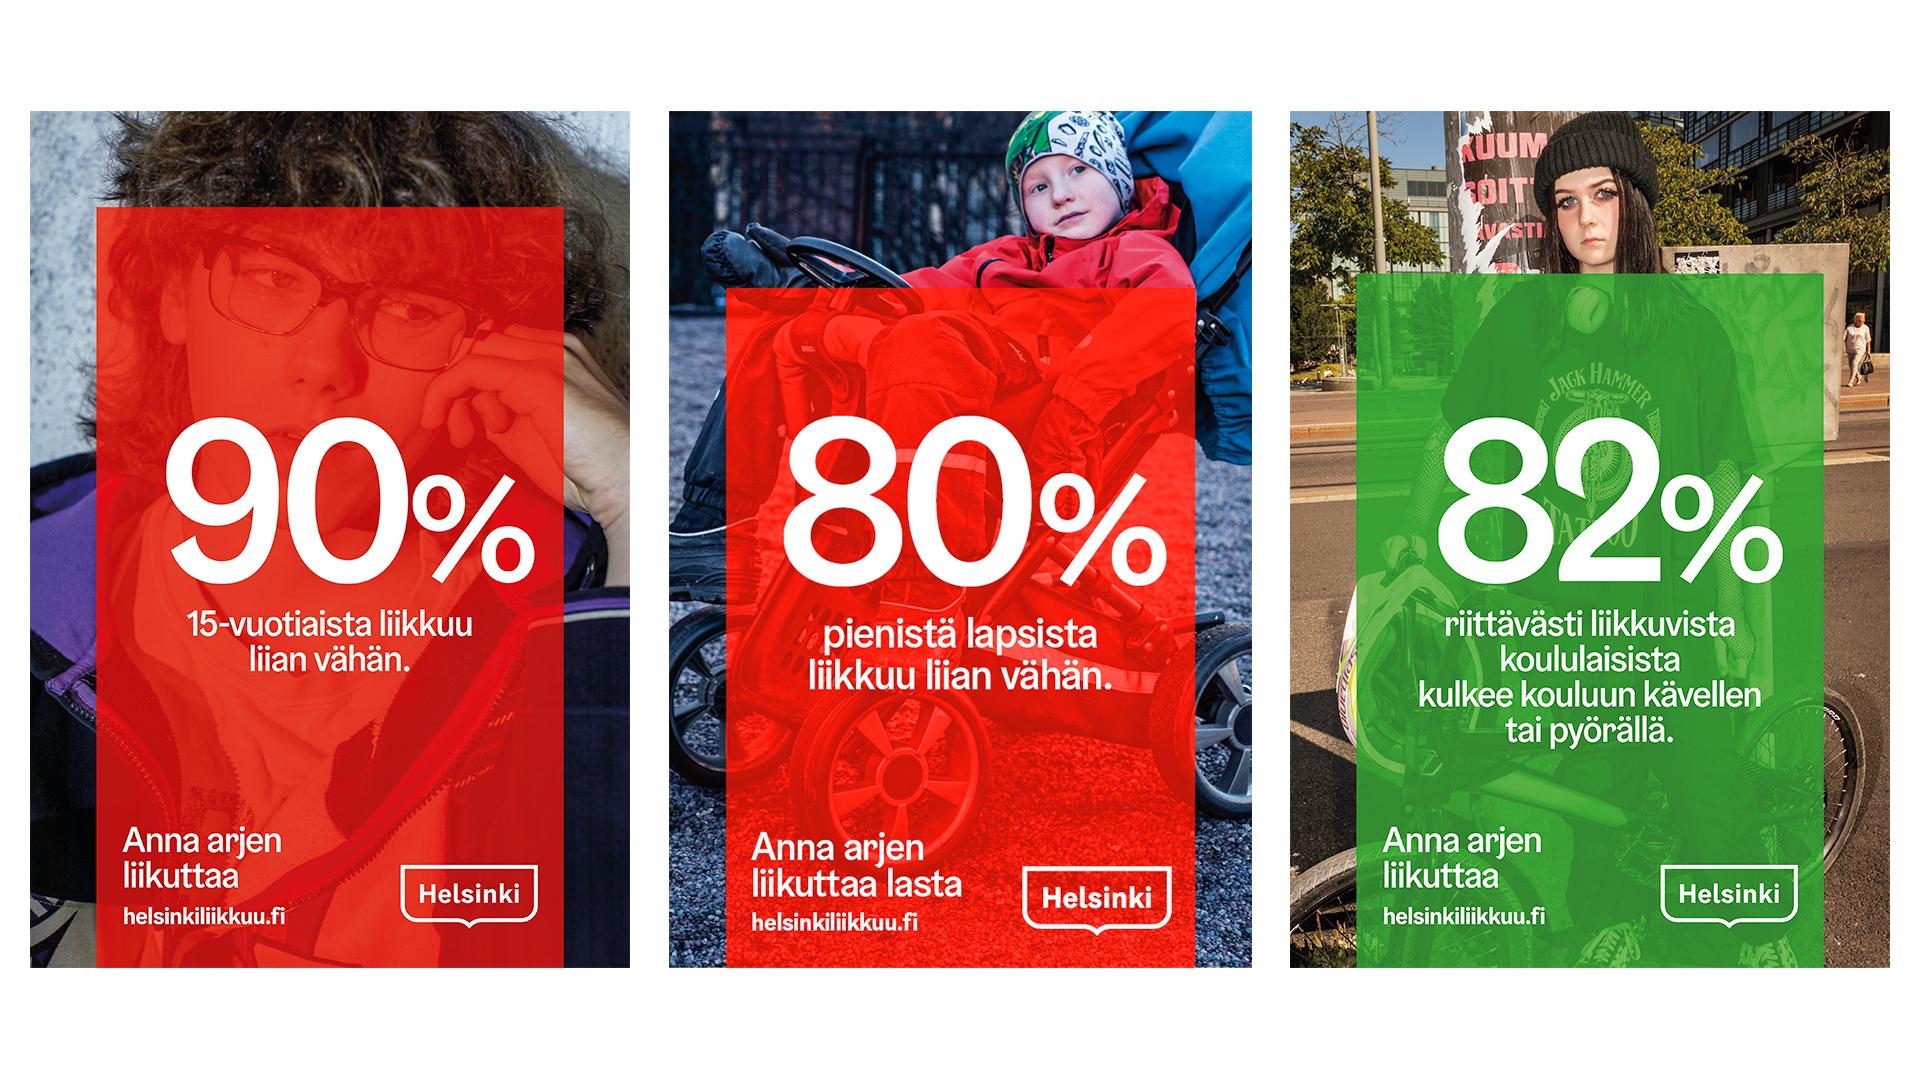 Kolme infograafia: 90 % 15-vuotiaista liikkuu liian vähän, 80 % pienistä lapsista liikkuu liian vähän ja 82 % riittävästi liikkuvista koululaisista kulkee kouluun kävellen tai pyörällä.